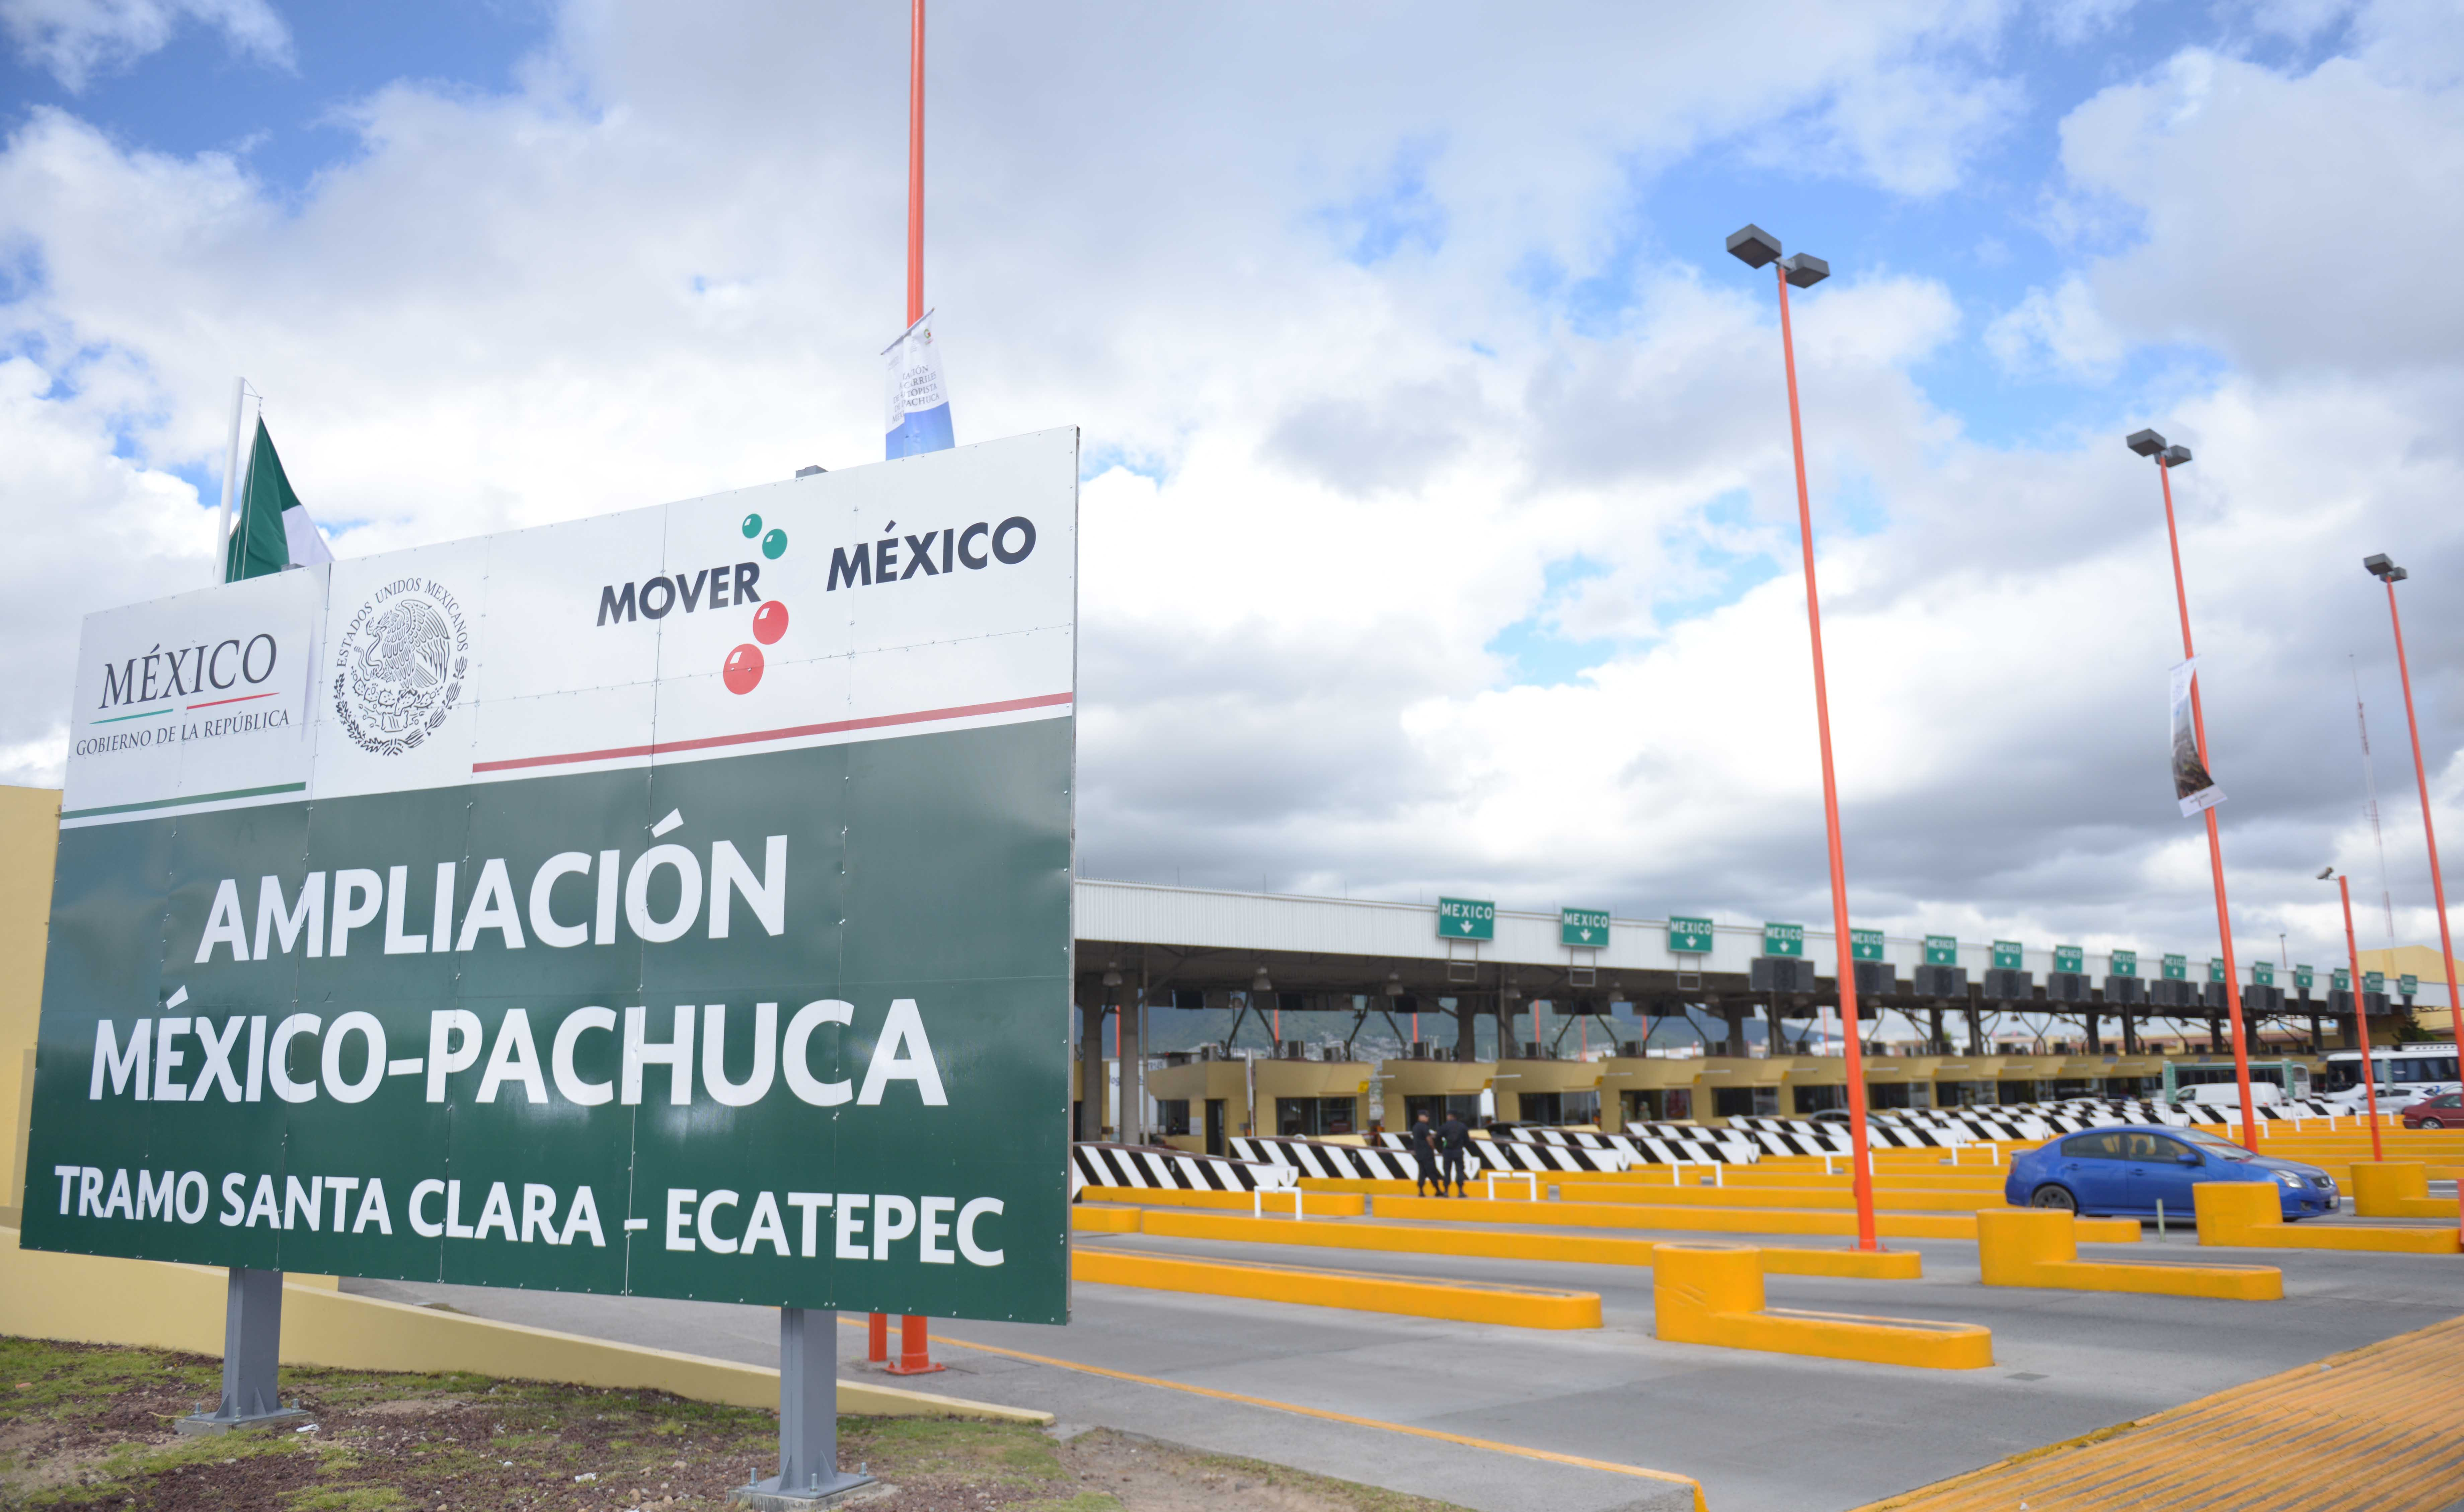 Entrega de la ampliación de la autopista México-Pachuca.